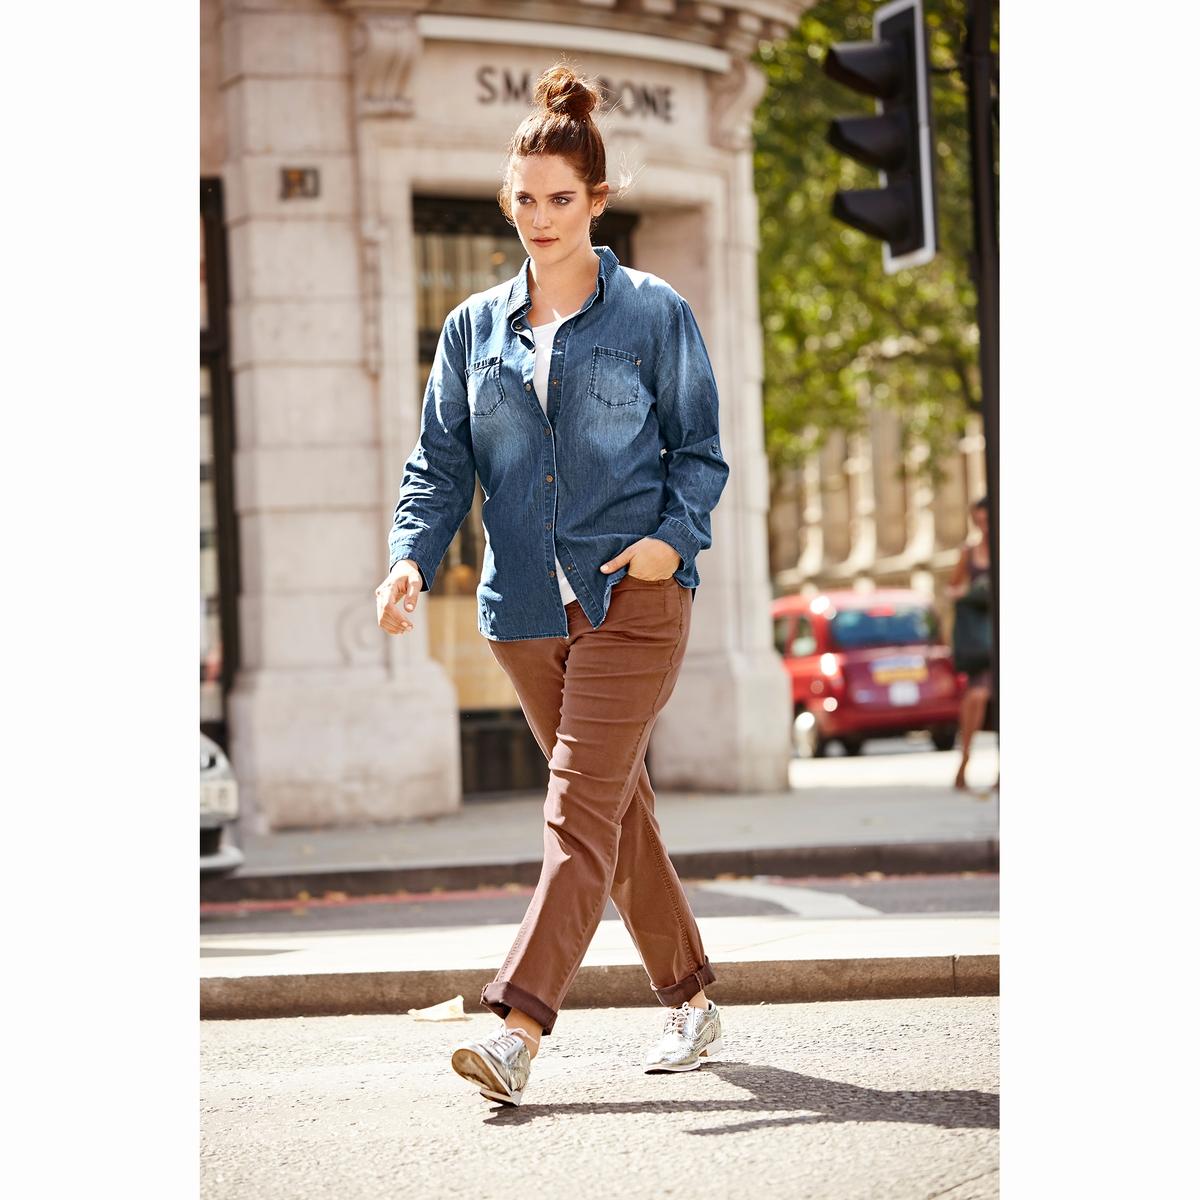 Рубашка джинсоваяДжинсовая рубашка ULLA POPKEN. 100% хлопок. Незаменимая вещь в любом сезоне - джинсовая рубашка с эффектом потертости! Застежка на металлические кнопки, закругленный низ. Длинные рукава, подворачиваются до длины 3/4. Длина зависит от размера: 68-78 см<br><br>Цвет: синий джинсовый